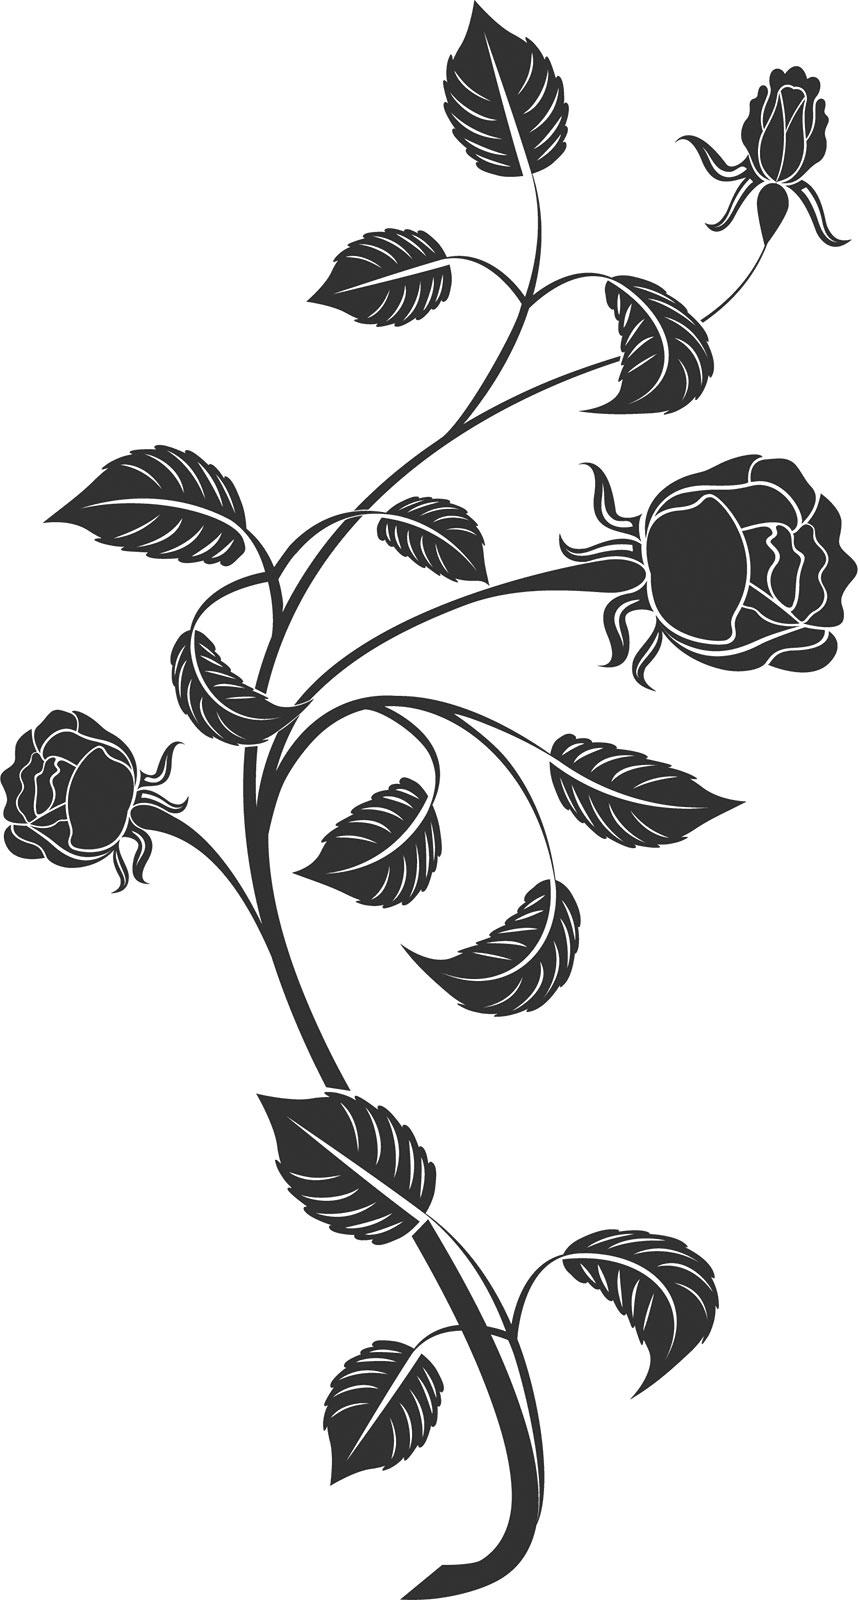 花のイラストフリー素材白黒モノクロno541白黒バラ茎葉